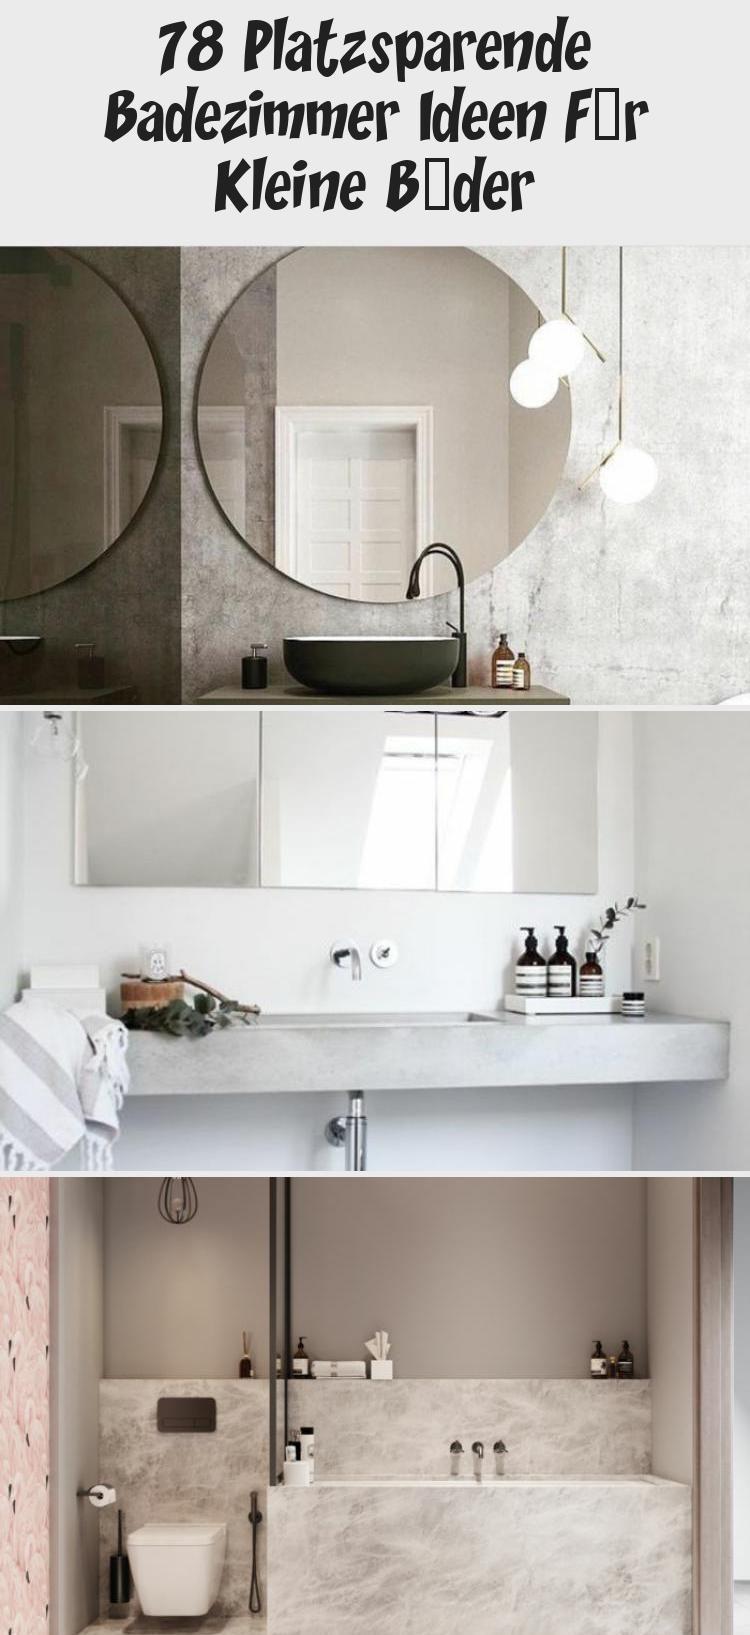 78 Platzsparende Badezimmer Ideen Fur Kleine Bader In 2020 Round Mirror Bathroom Decor Bathroom Mirror